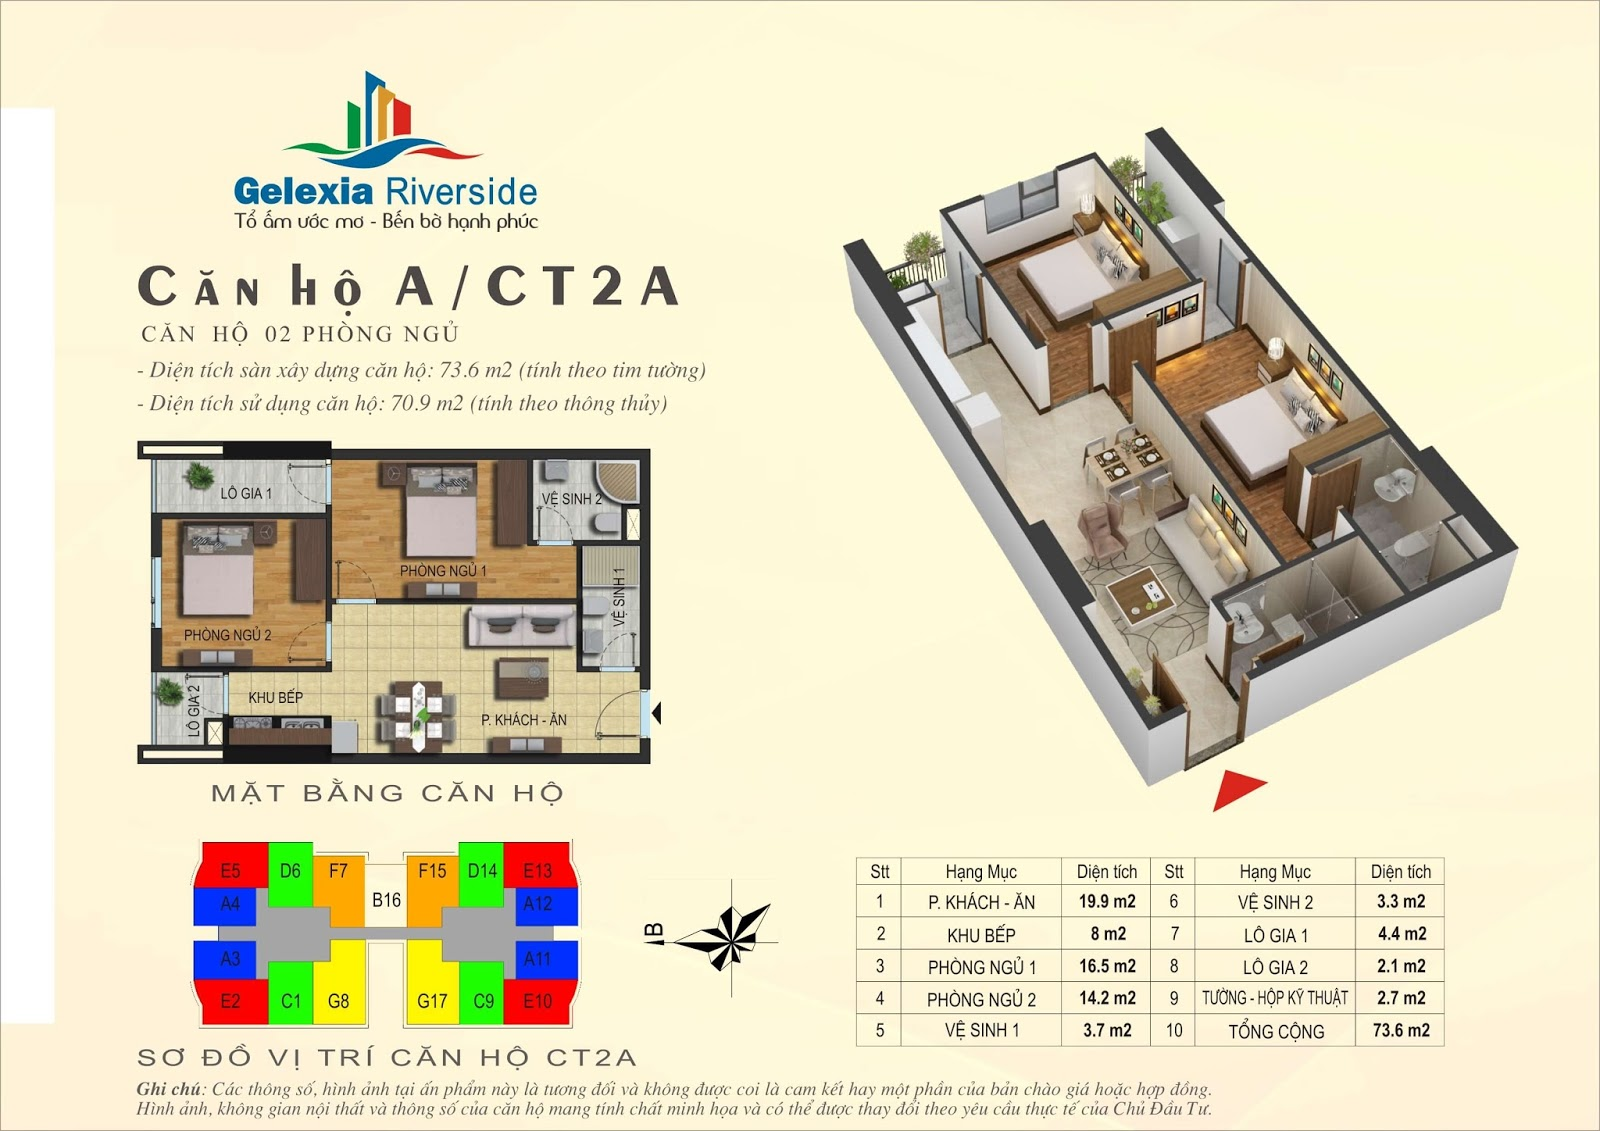 Mặt bằng căn hộ 73,6 m2 tòa CT2A - Gelexia Riverside